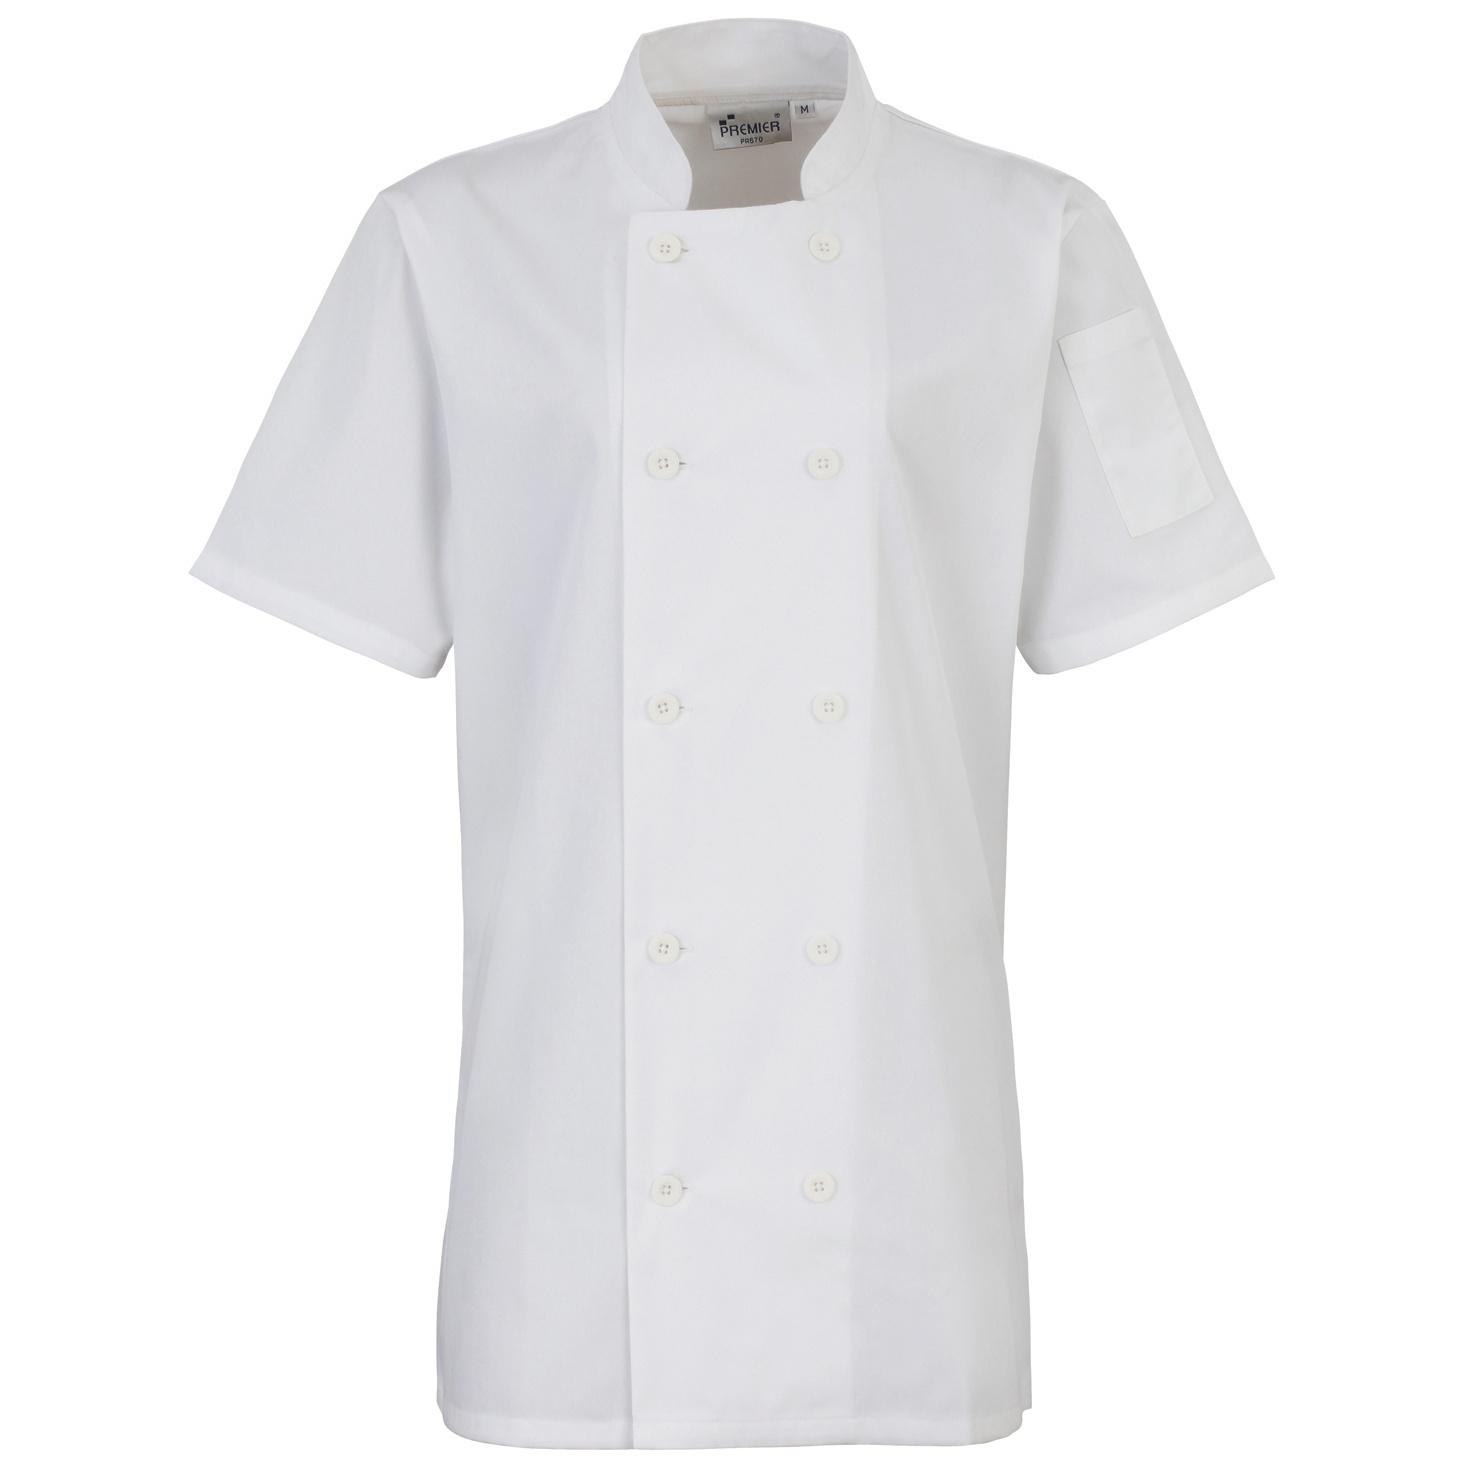 Premier Womens/Ladies Short Sleeve Chefs Jacket / Chefswear (2XL) (White)